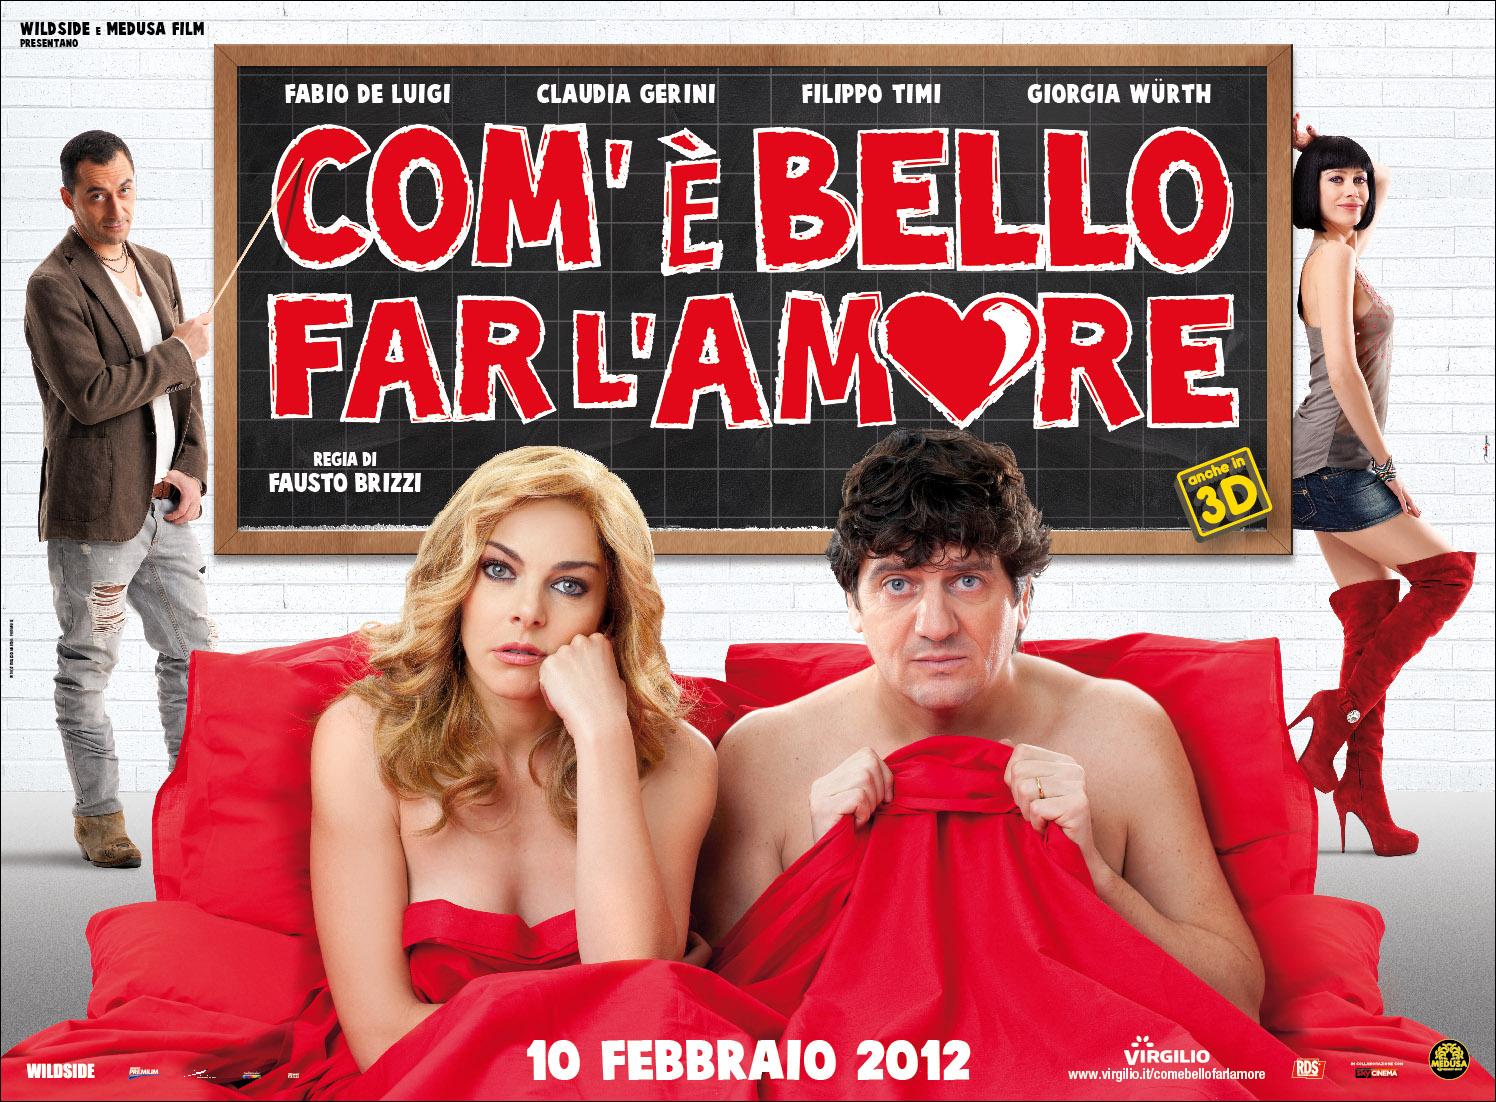 far l amore video badoo in italia